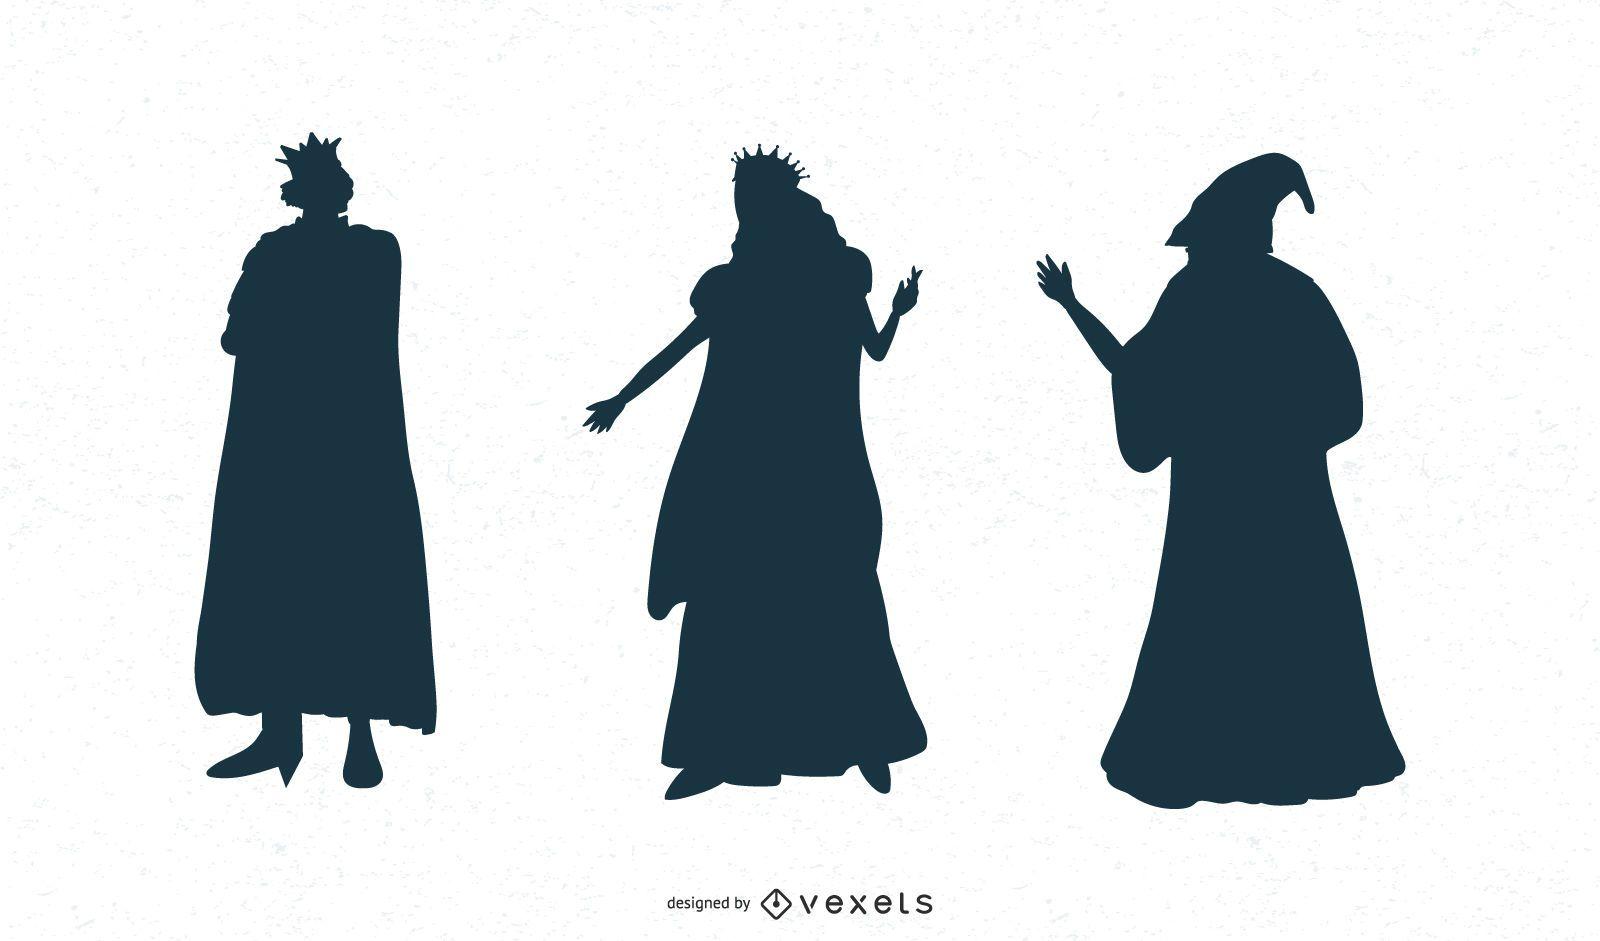 Conjunto de silueta de personajes de fantasía